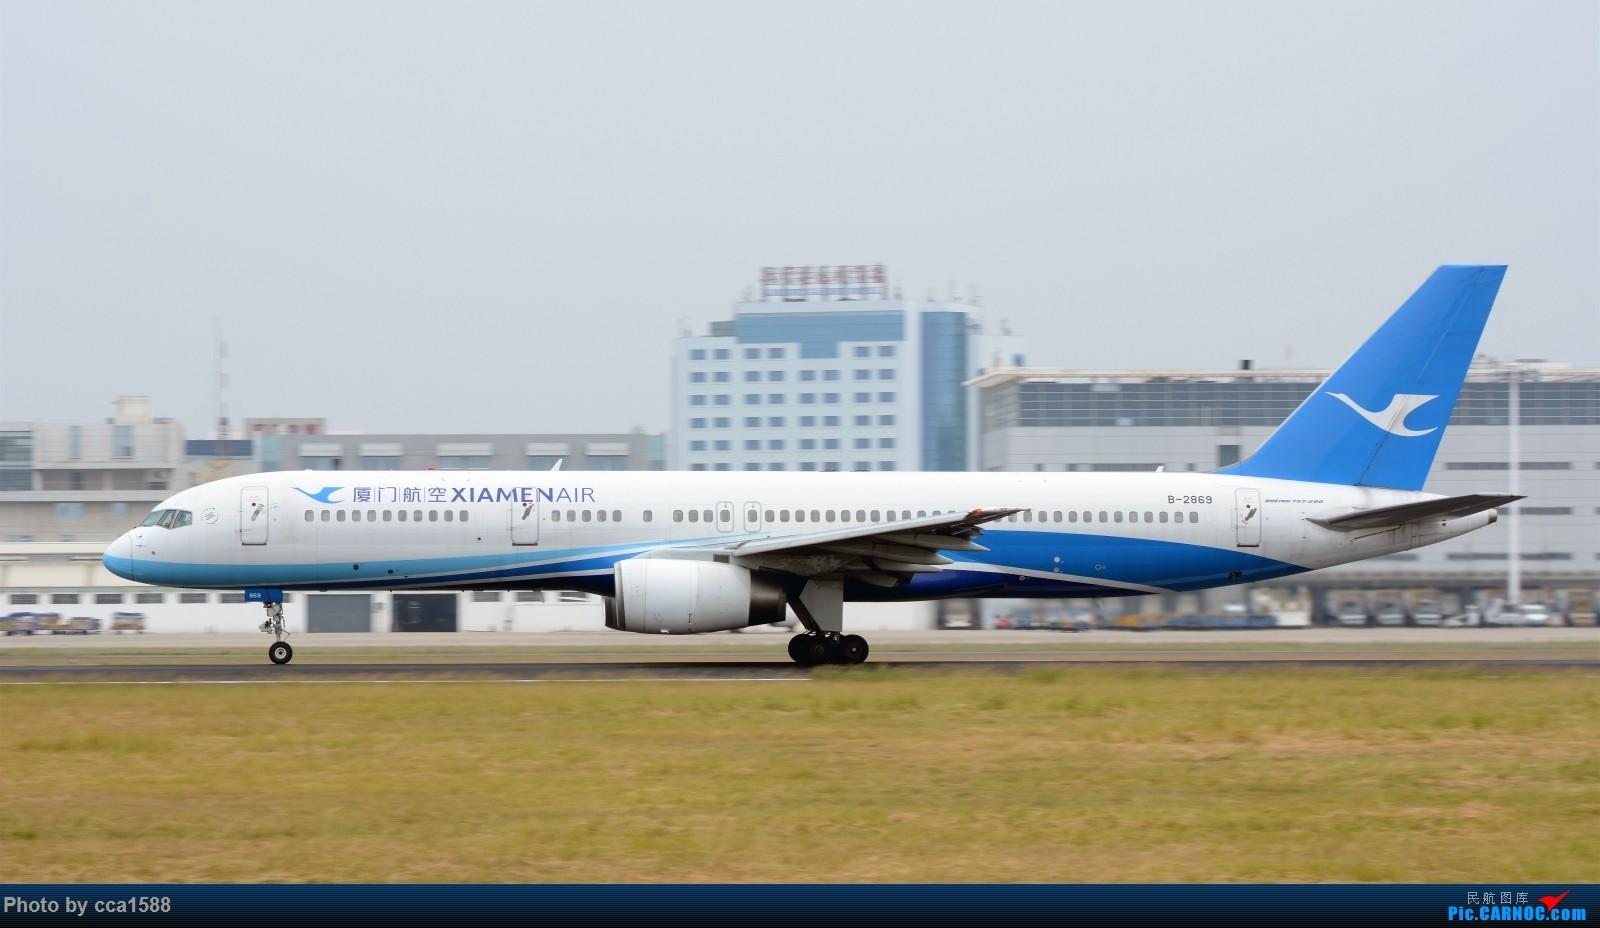 Re:[原创]【福州飞友会】首拍汉莎第一架747-8(厦门的拍机位置真心不好啊) BOEING 757-200 B-2869 中国厦门高崎国际机场